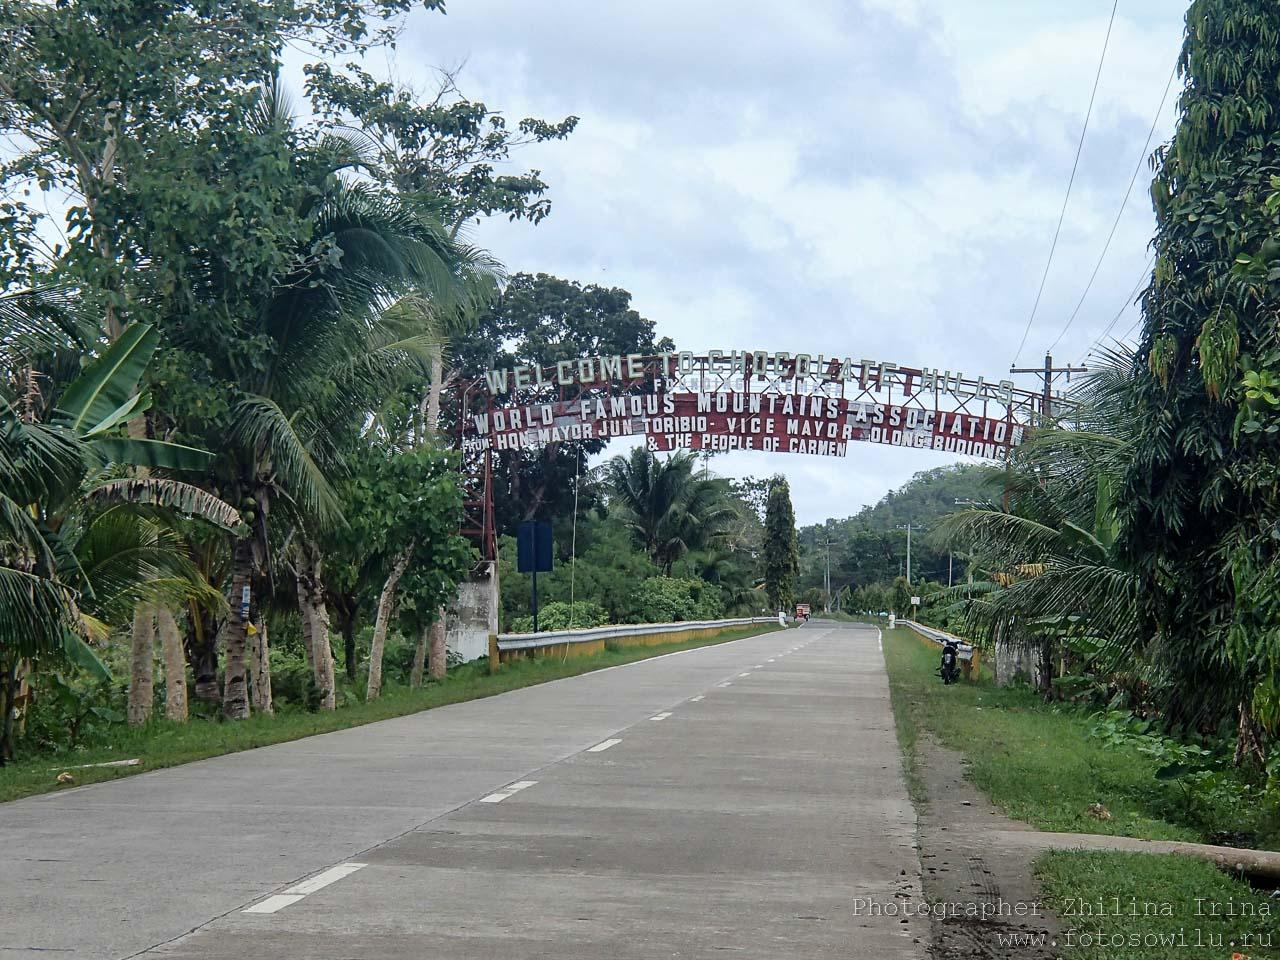 Остров Бохоль, по Бохолу на мопеде, путешествие по Филиппинам, что смотреть на Филиппинах, что смотреть на Бохоле, Бохол